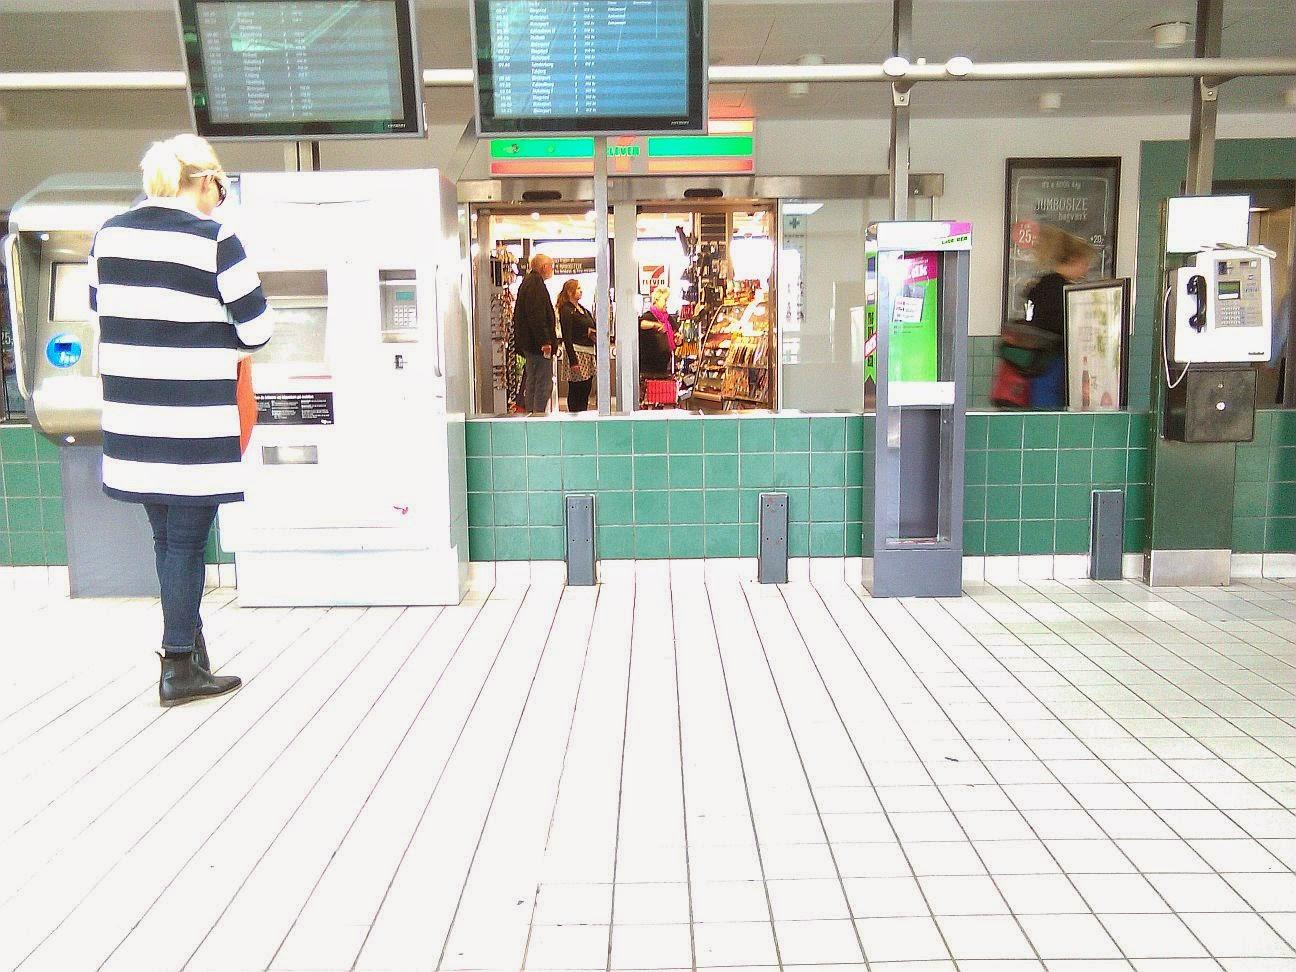 Ventesalen på Valby Station | Valby og København, før og nu